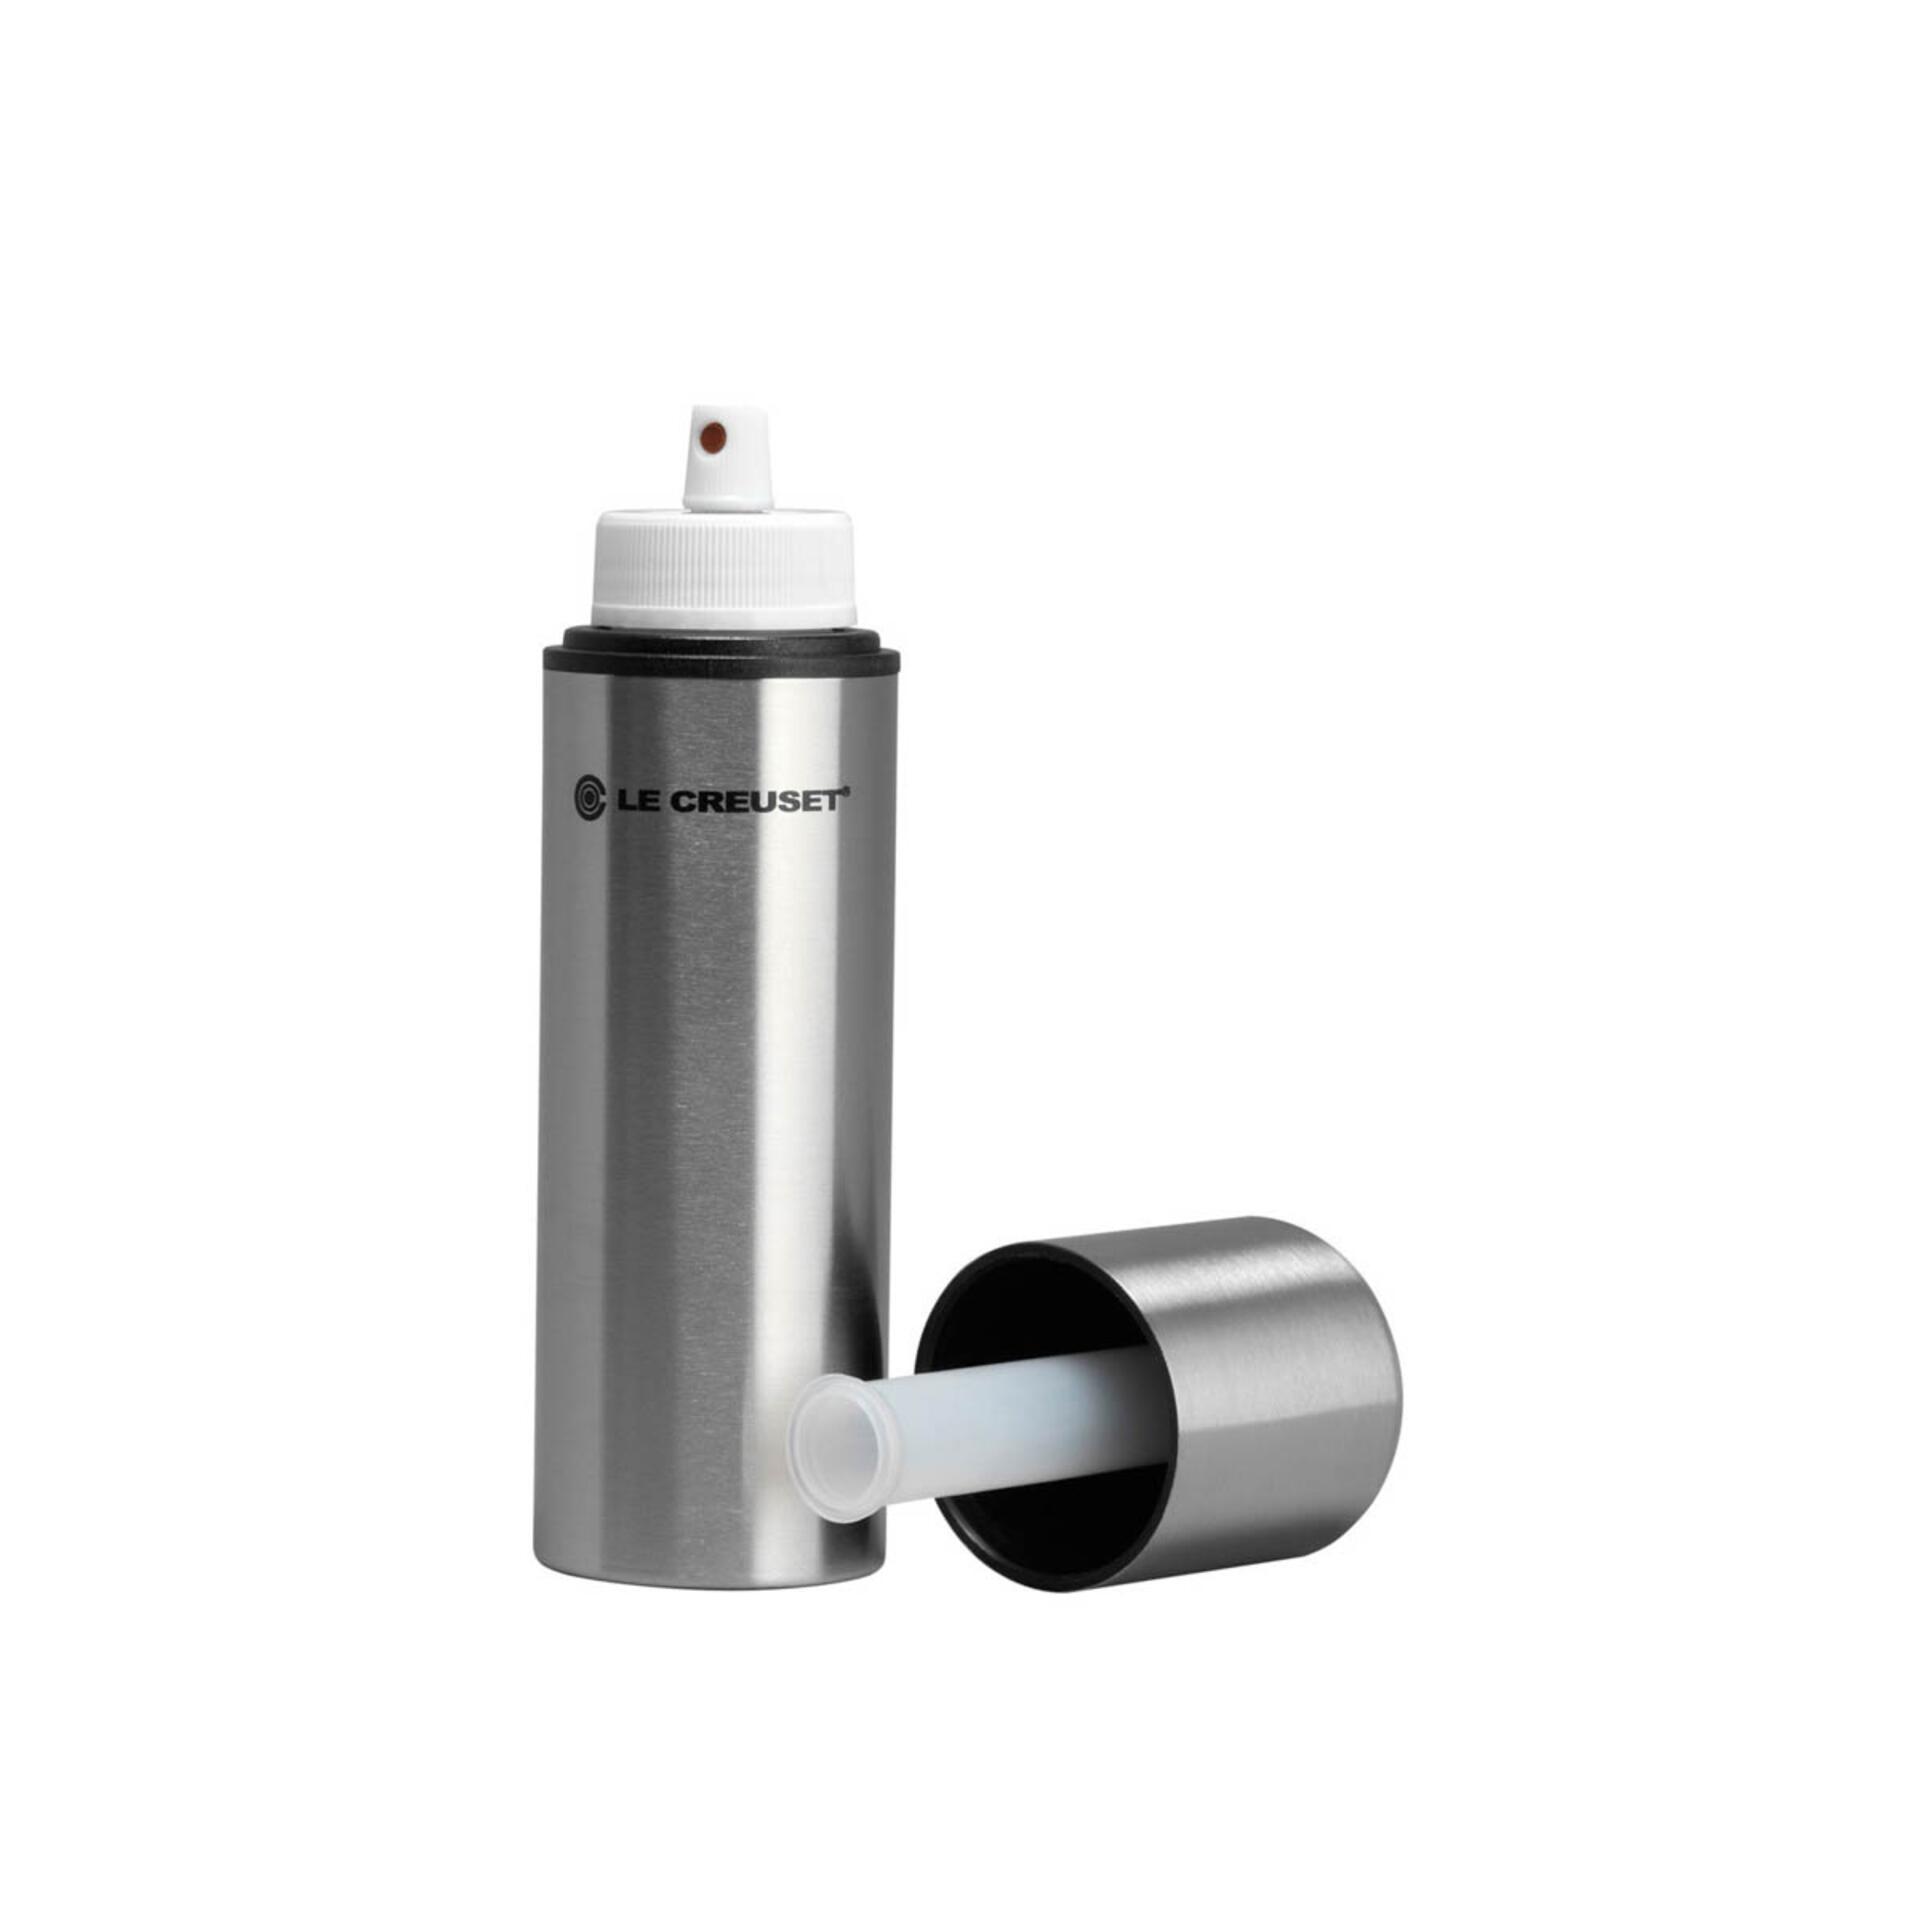 Le Creuset Essig- und Öl-Sprayer